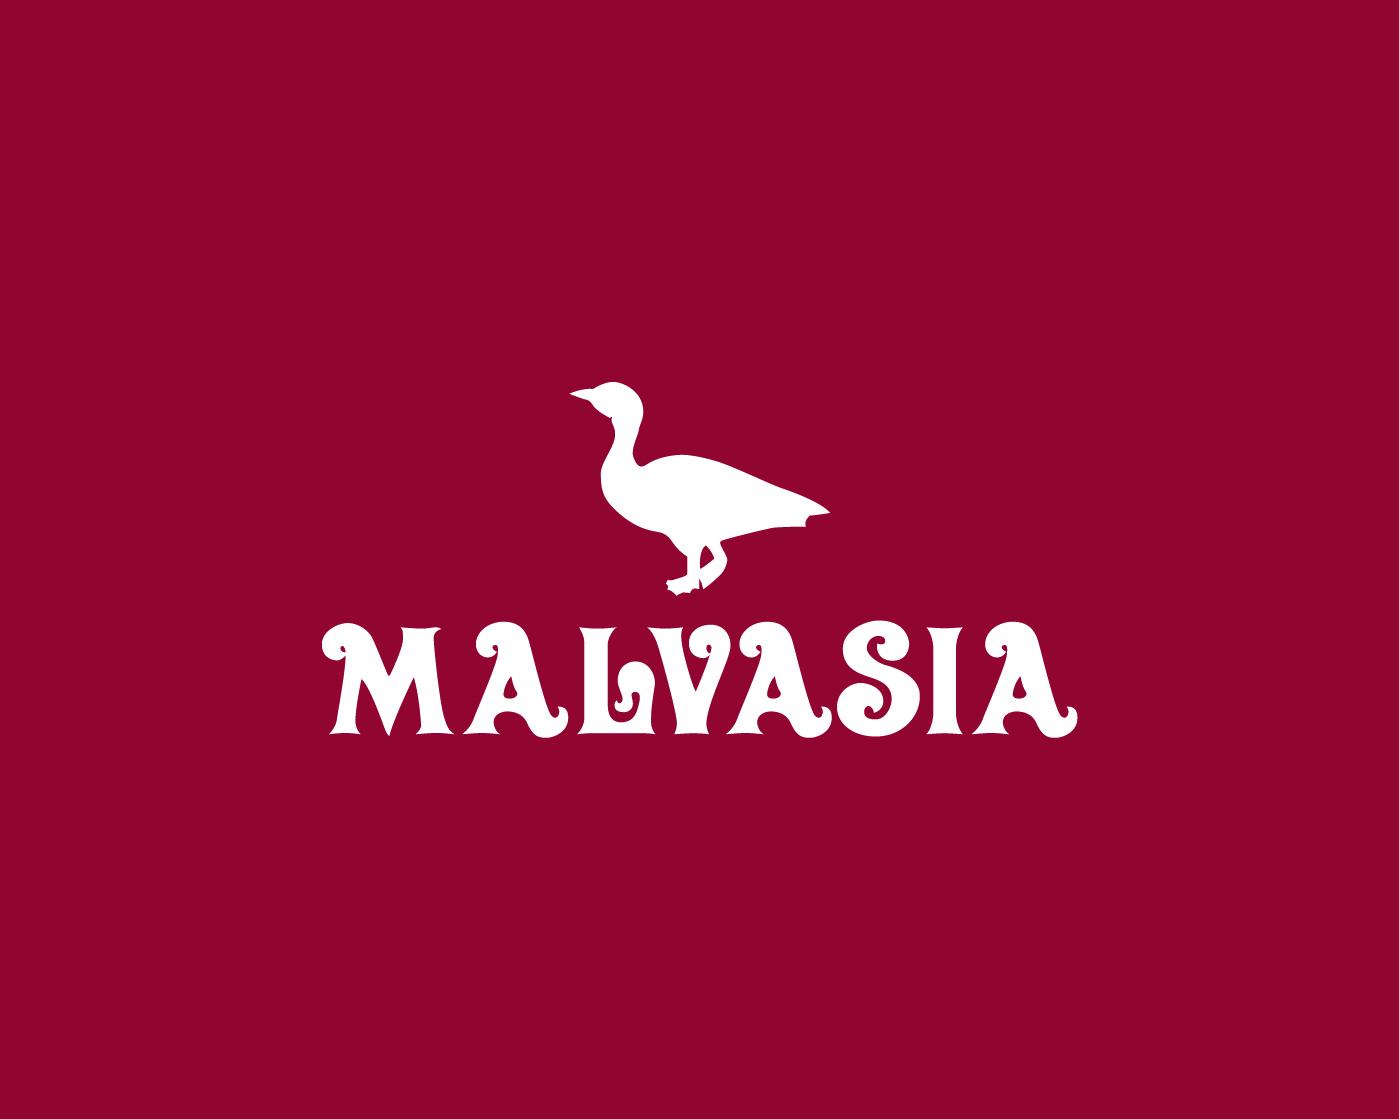 Publicidad Malvasia logo interior